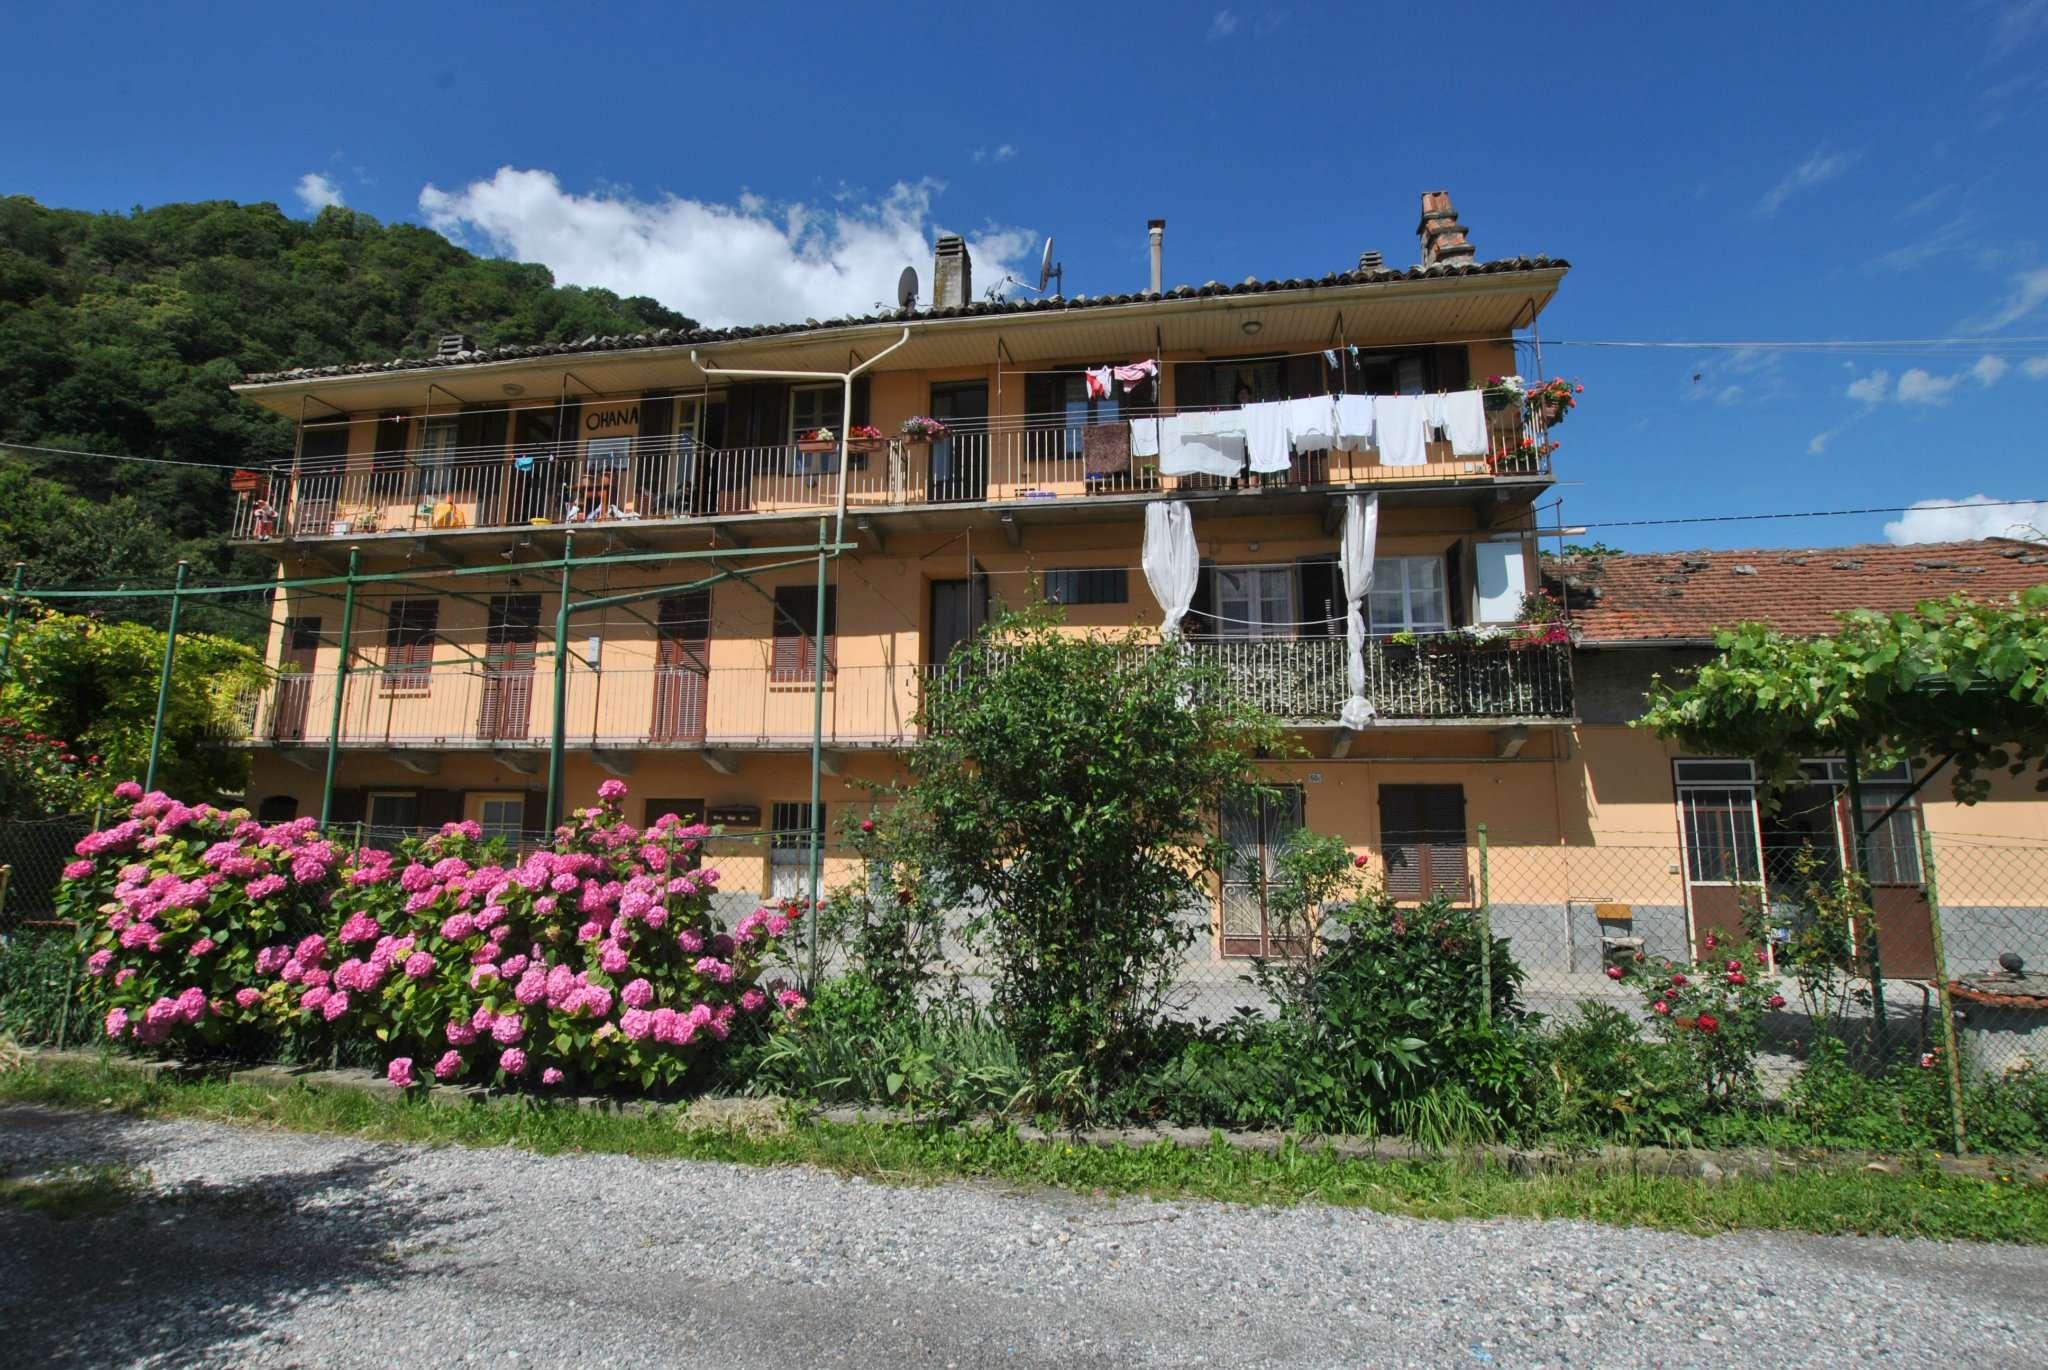 Appartamento in vendita a Vaie, 3 locali, prezzo € 45.000 | CambioCasa.it